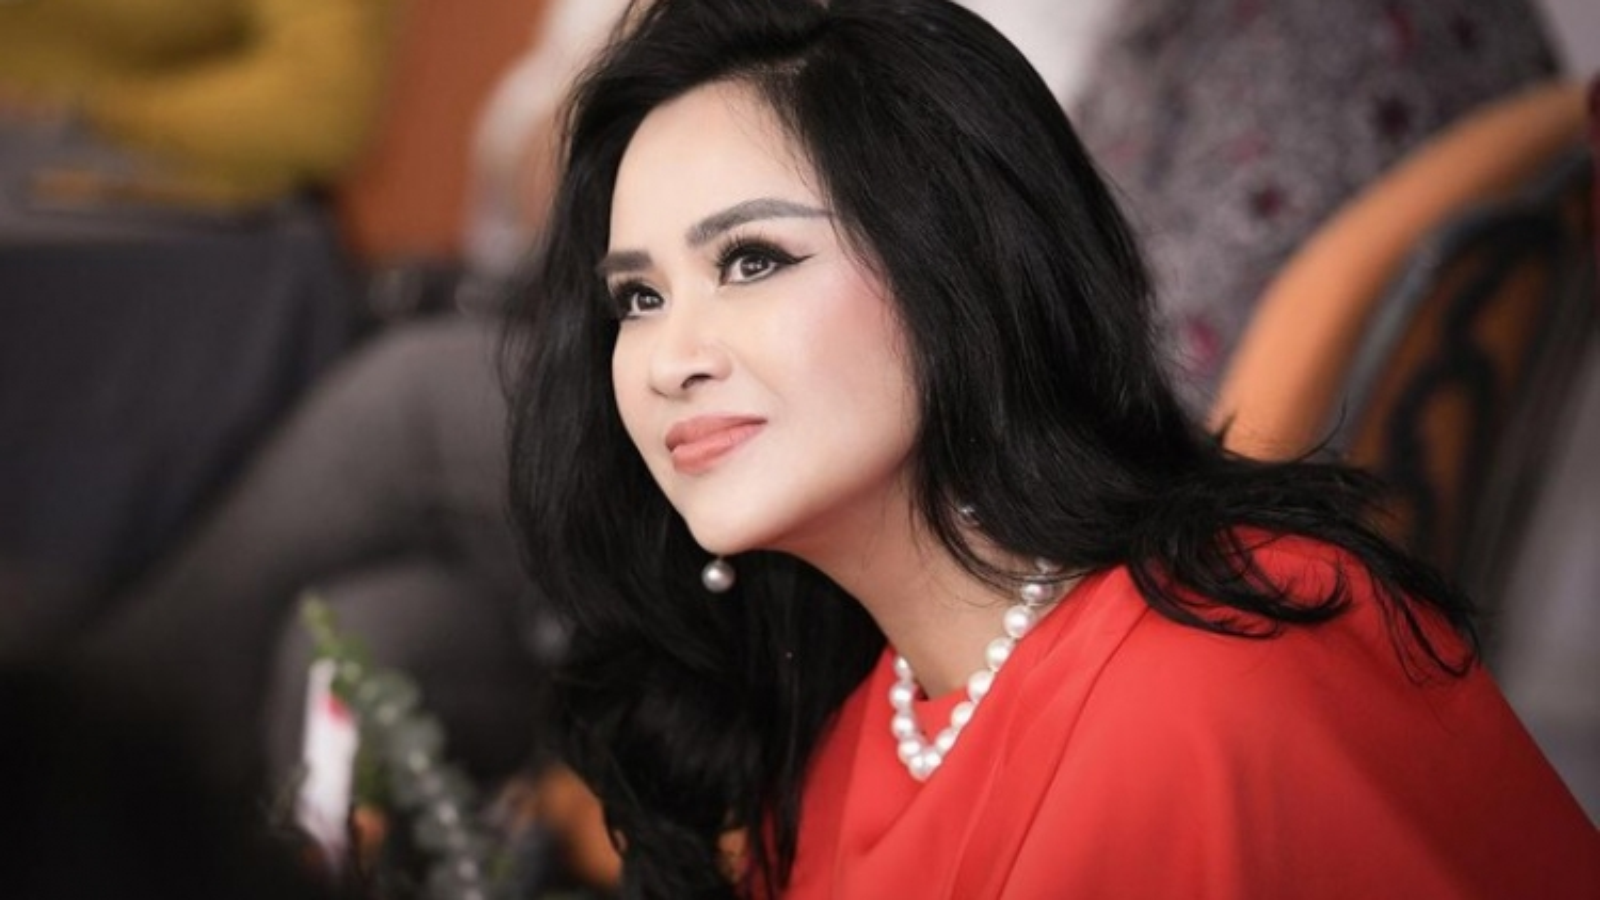 """""""Nơi gặp gỡ tình yêu"""" của Thanh Lam: Nhạc đỏ không mới nhưng đáng nghe"""